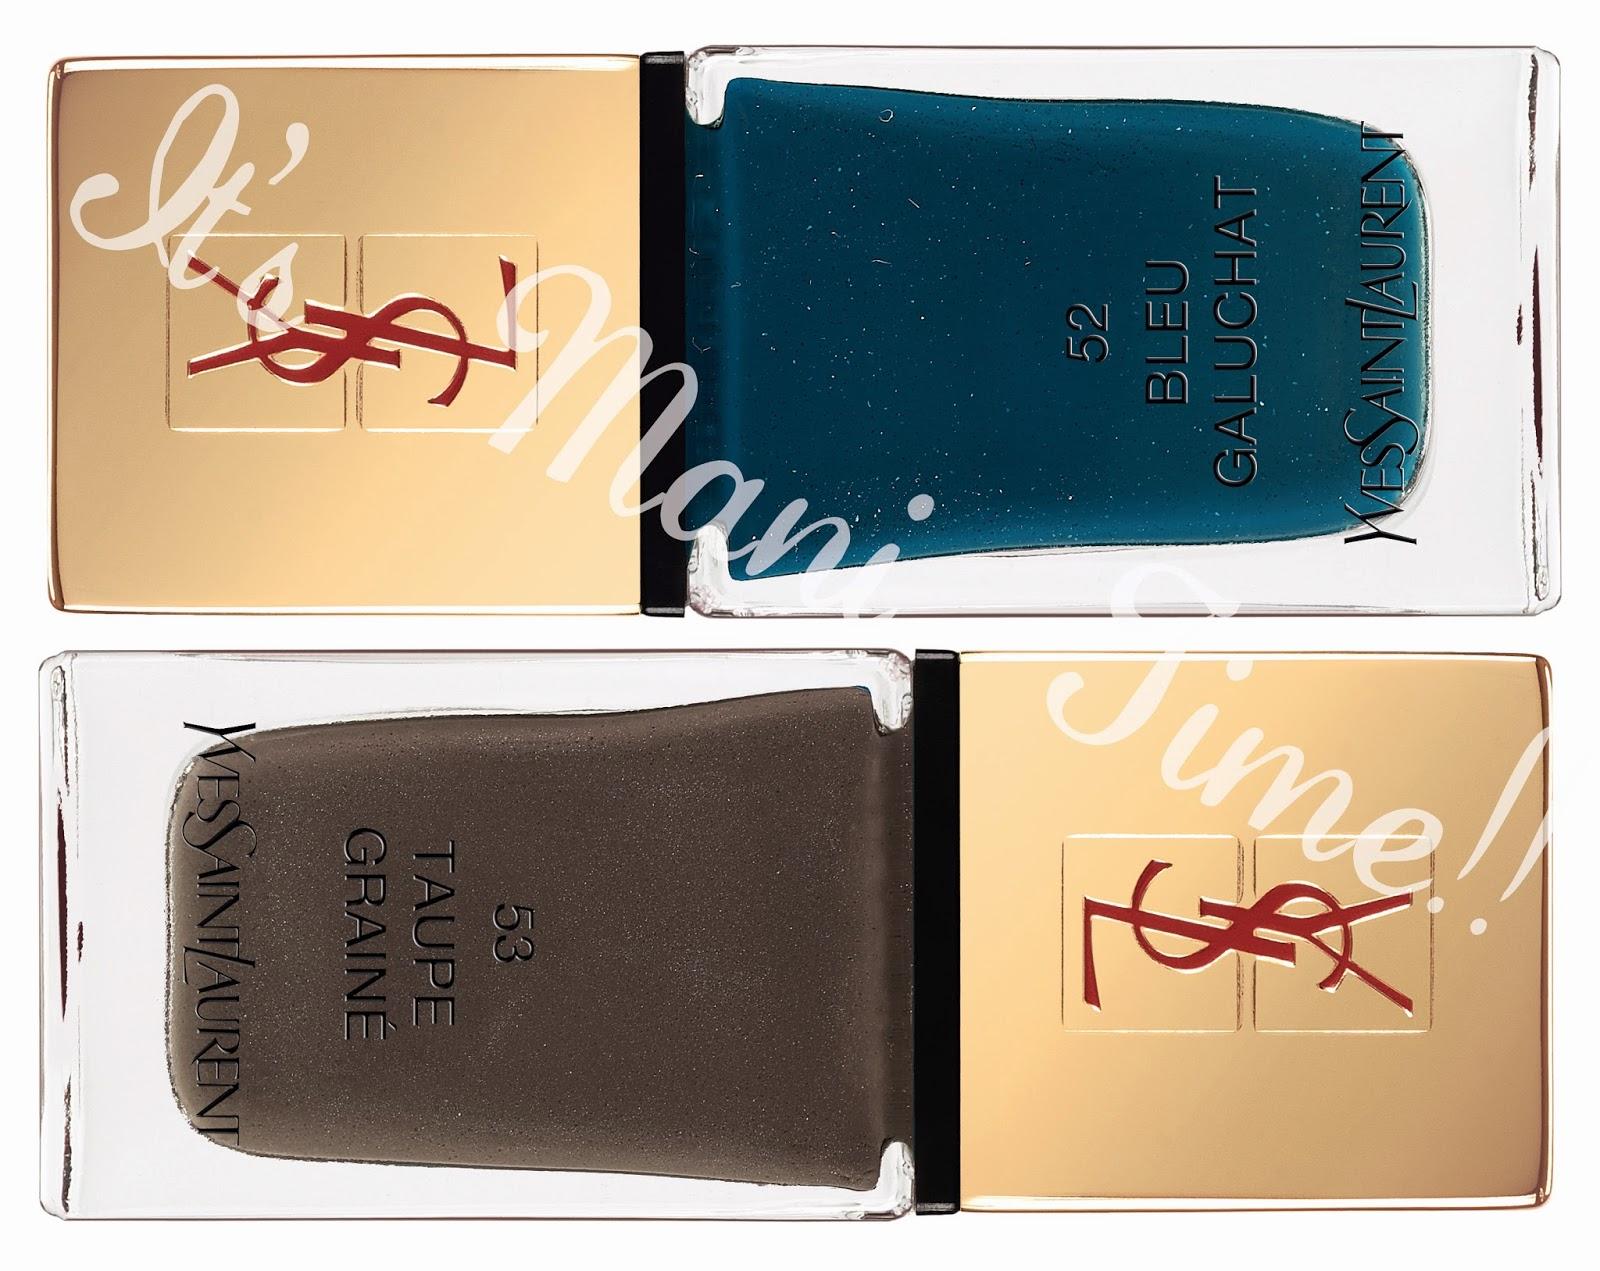 La Laque Couture Les Graines, La Laque Couture Les Graines 52, La Laque Couture Les Graines 53, Yves Saint Laurent, ysl cuirs fétiches